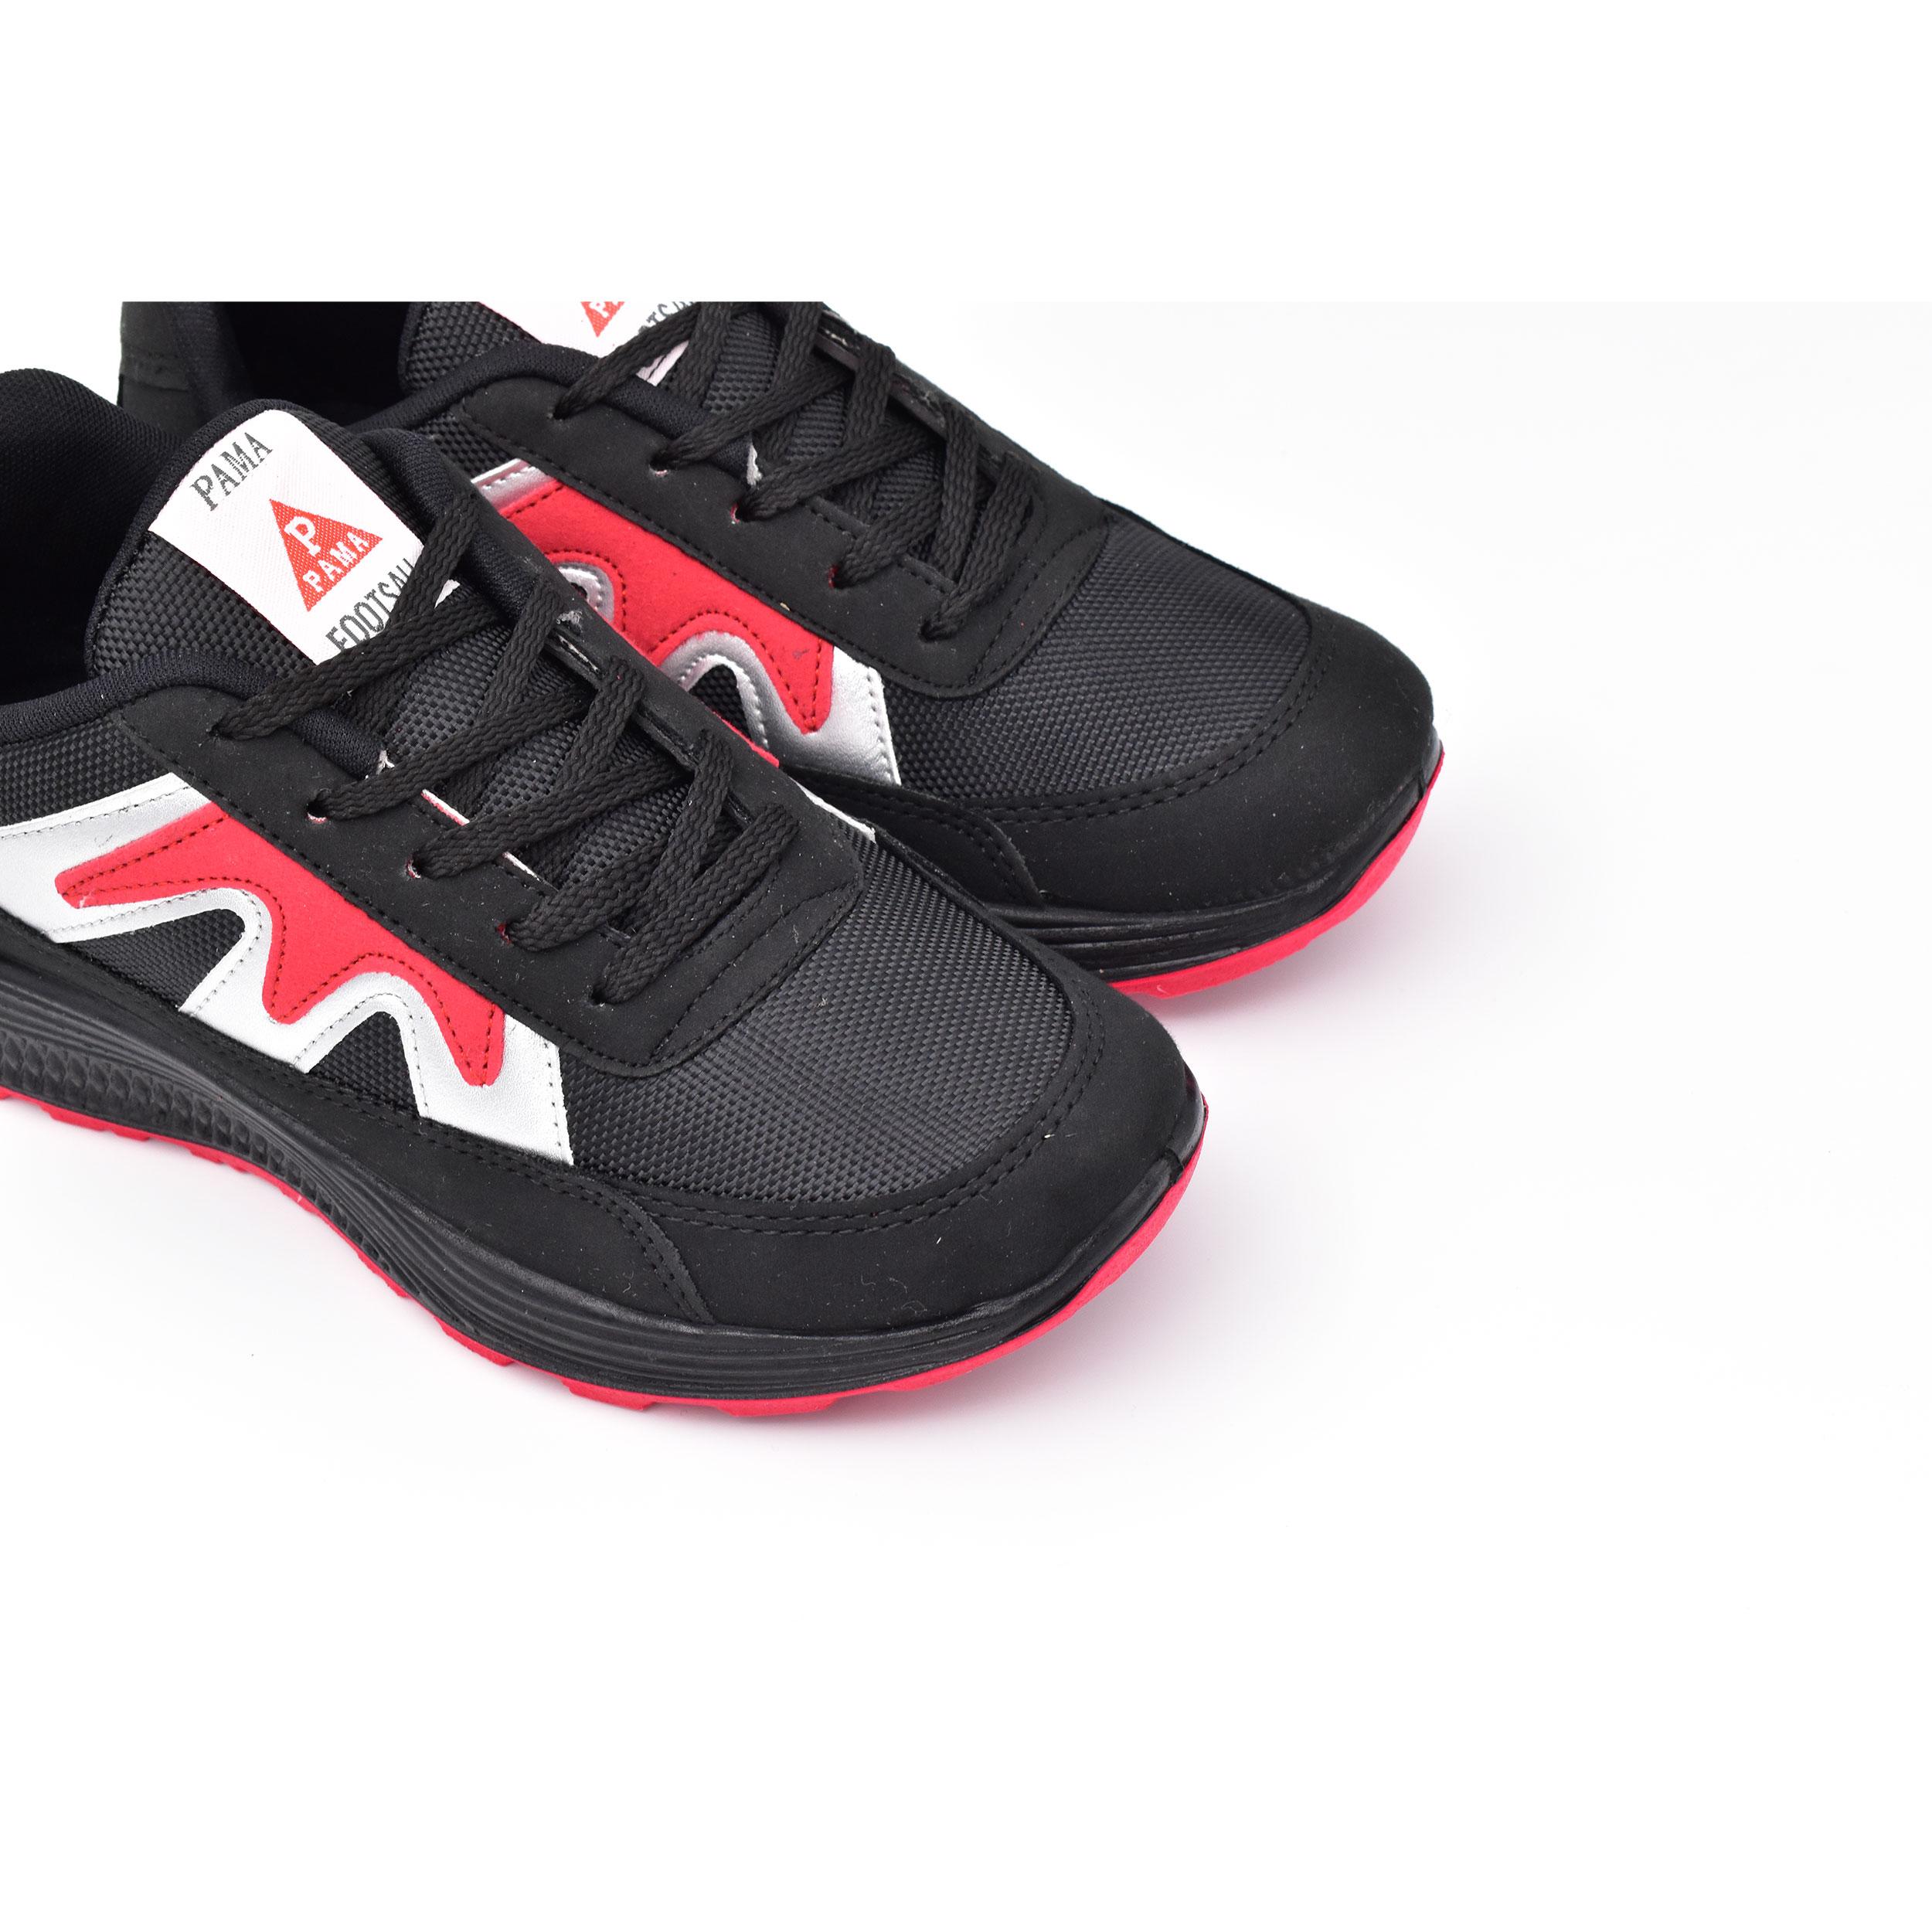 خرید                                      کفش پیاده روی زنانه پاما مدل اسکاتلند کد G1099